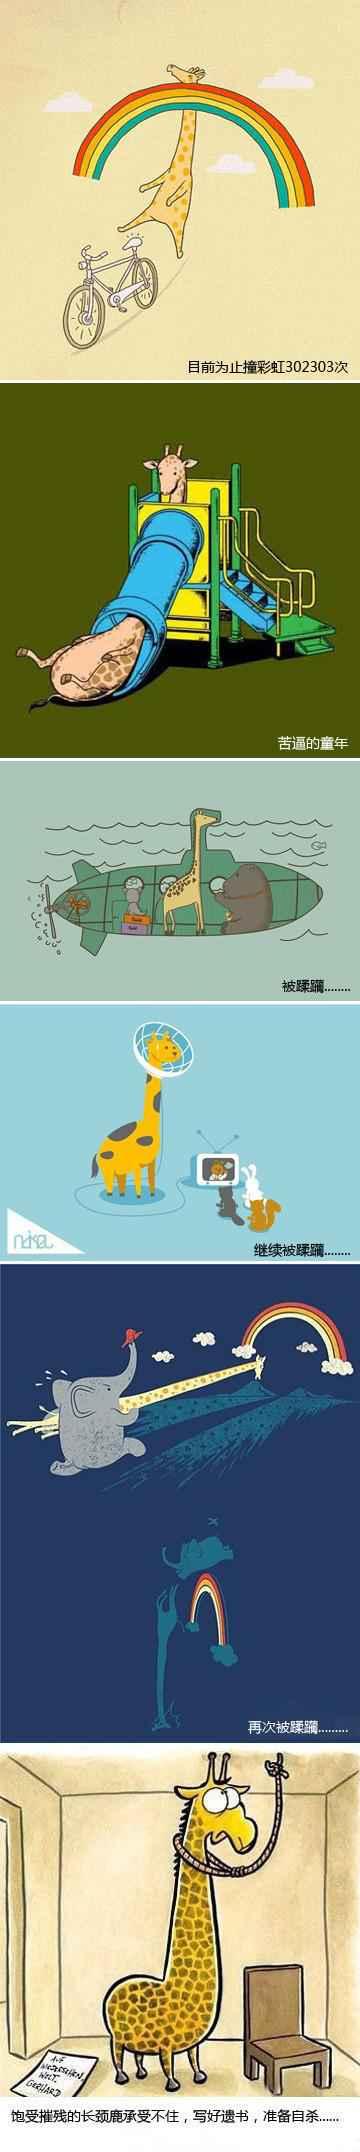 长颈鹿同学悲催的一生...........